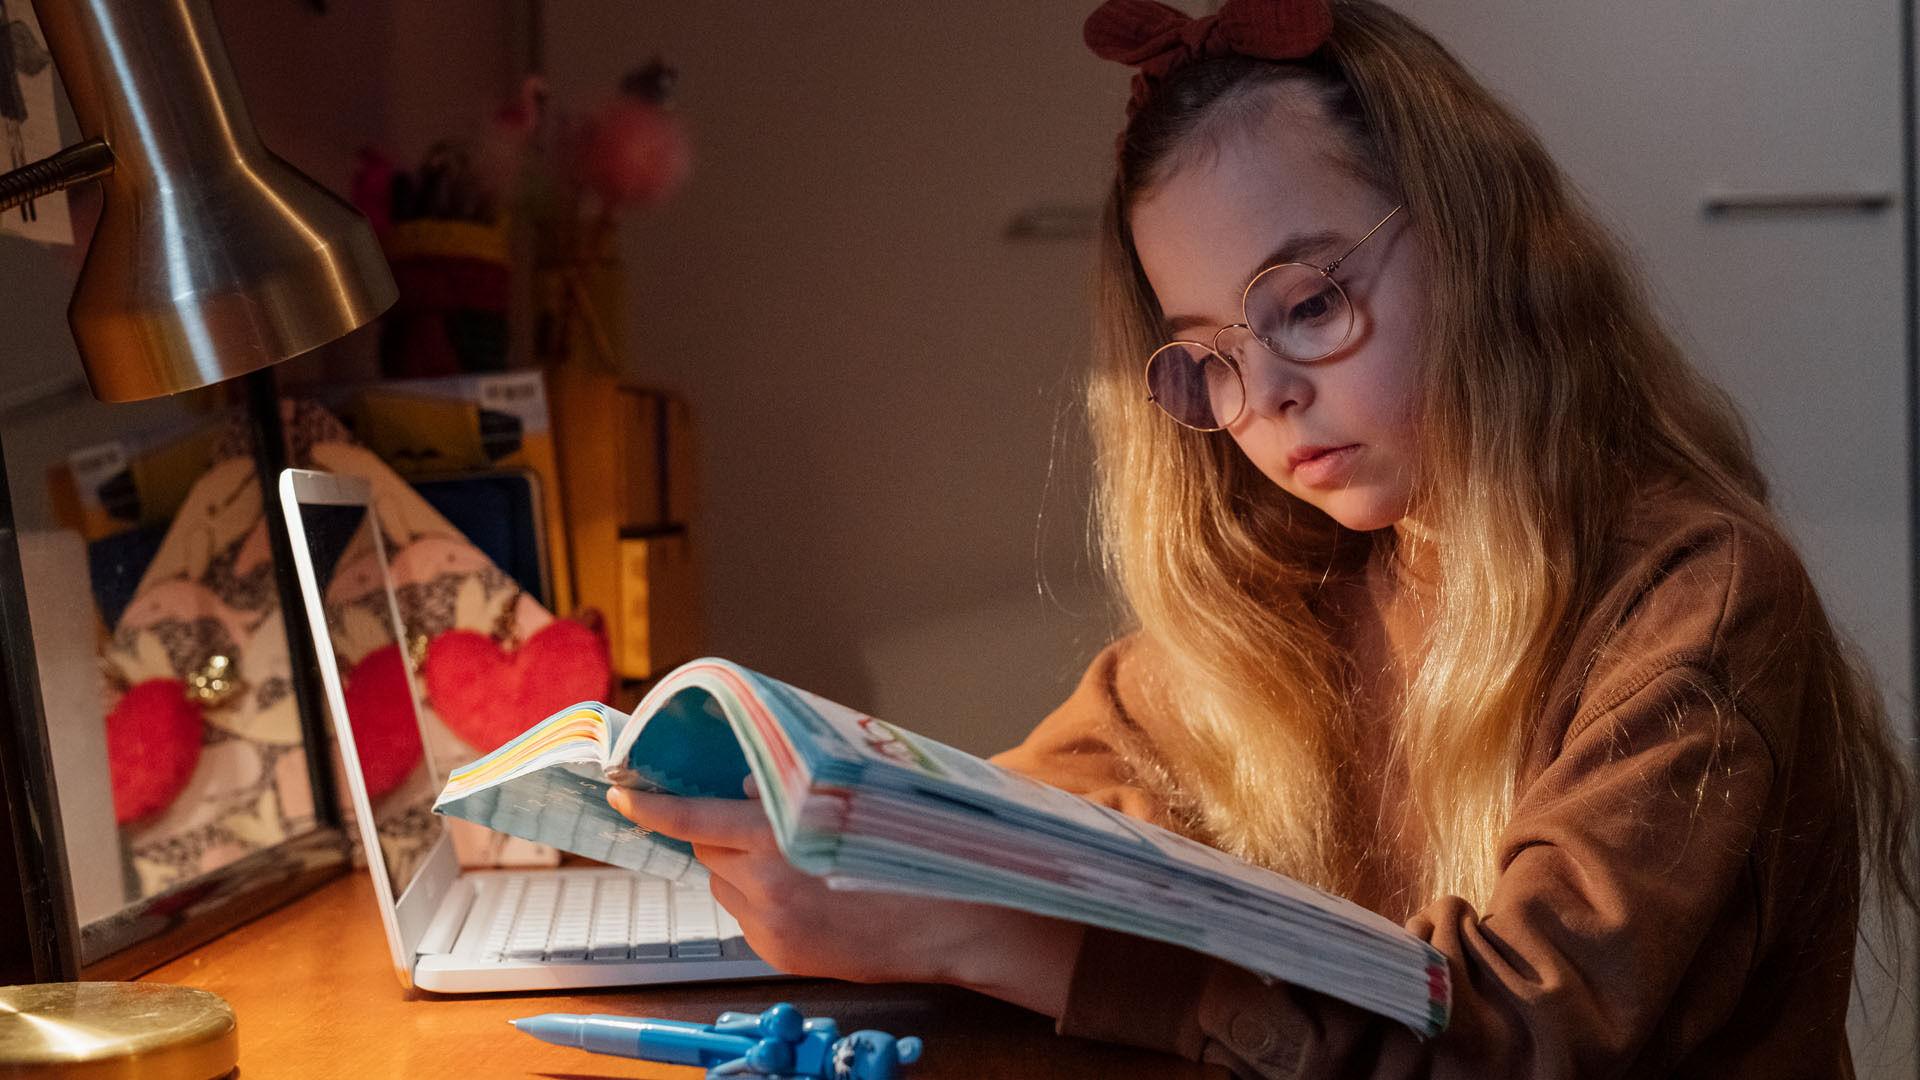 Näin lapsen näköhäiriöt ja näkövaivat oireilevat arjessa